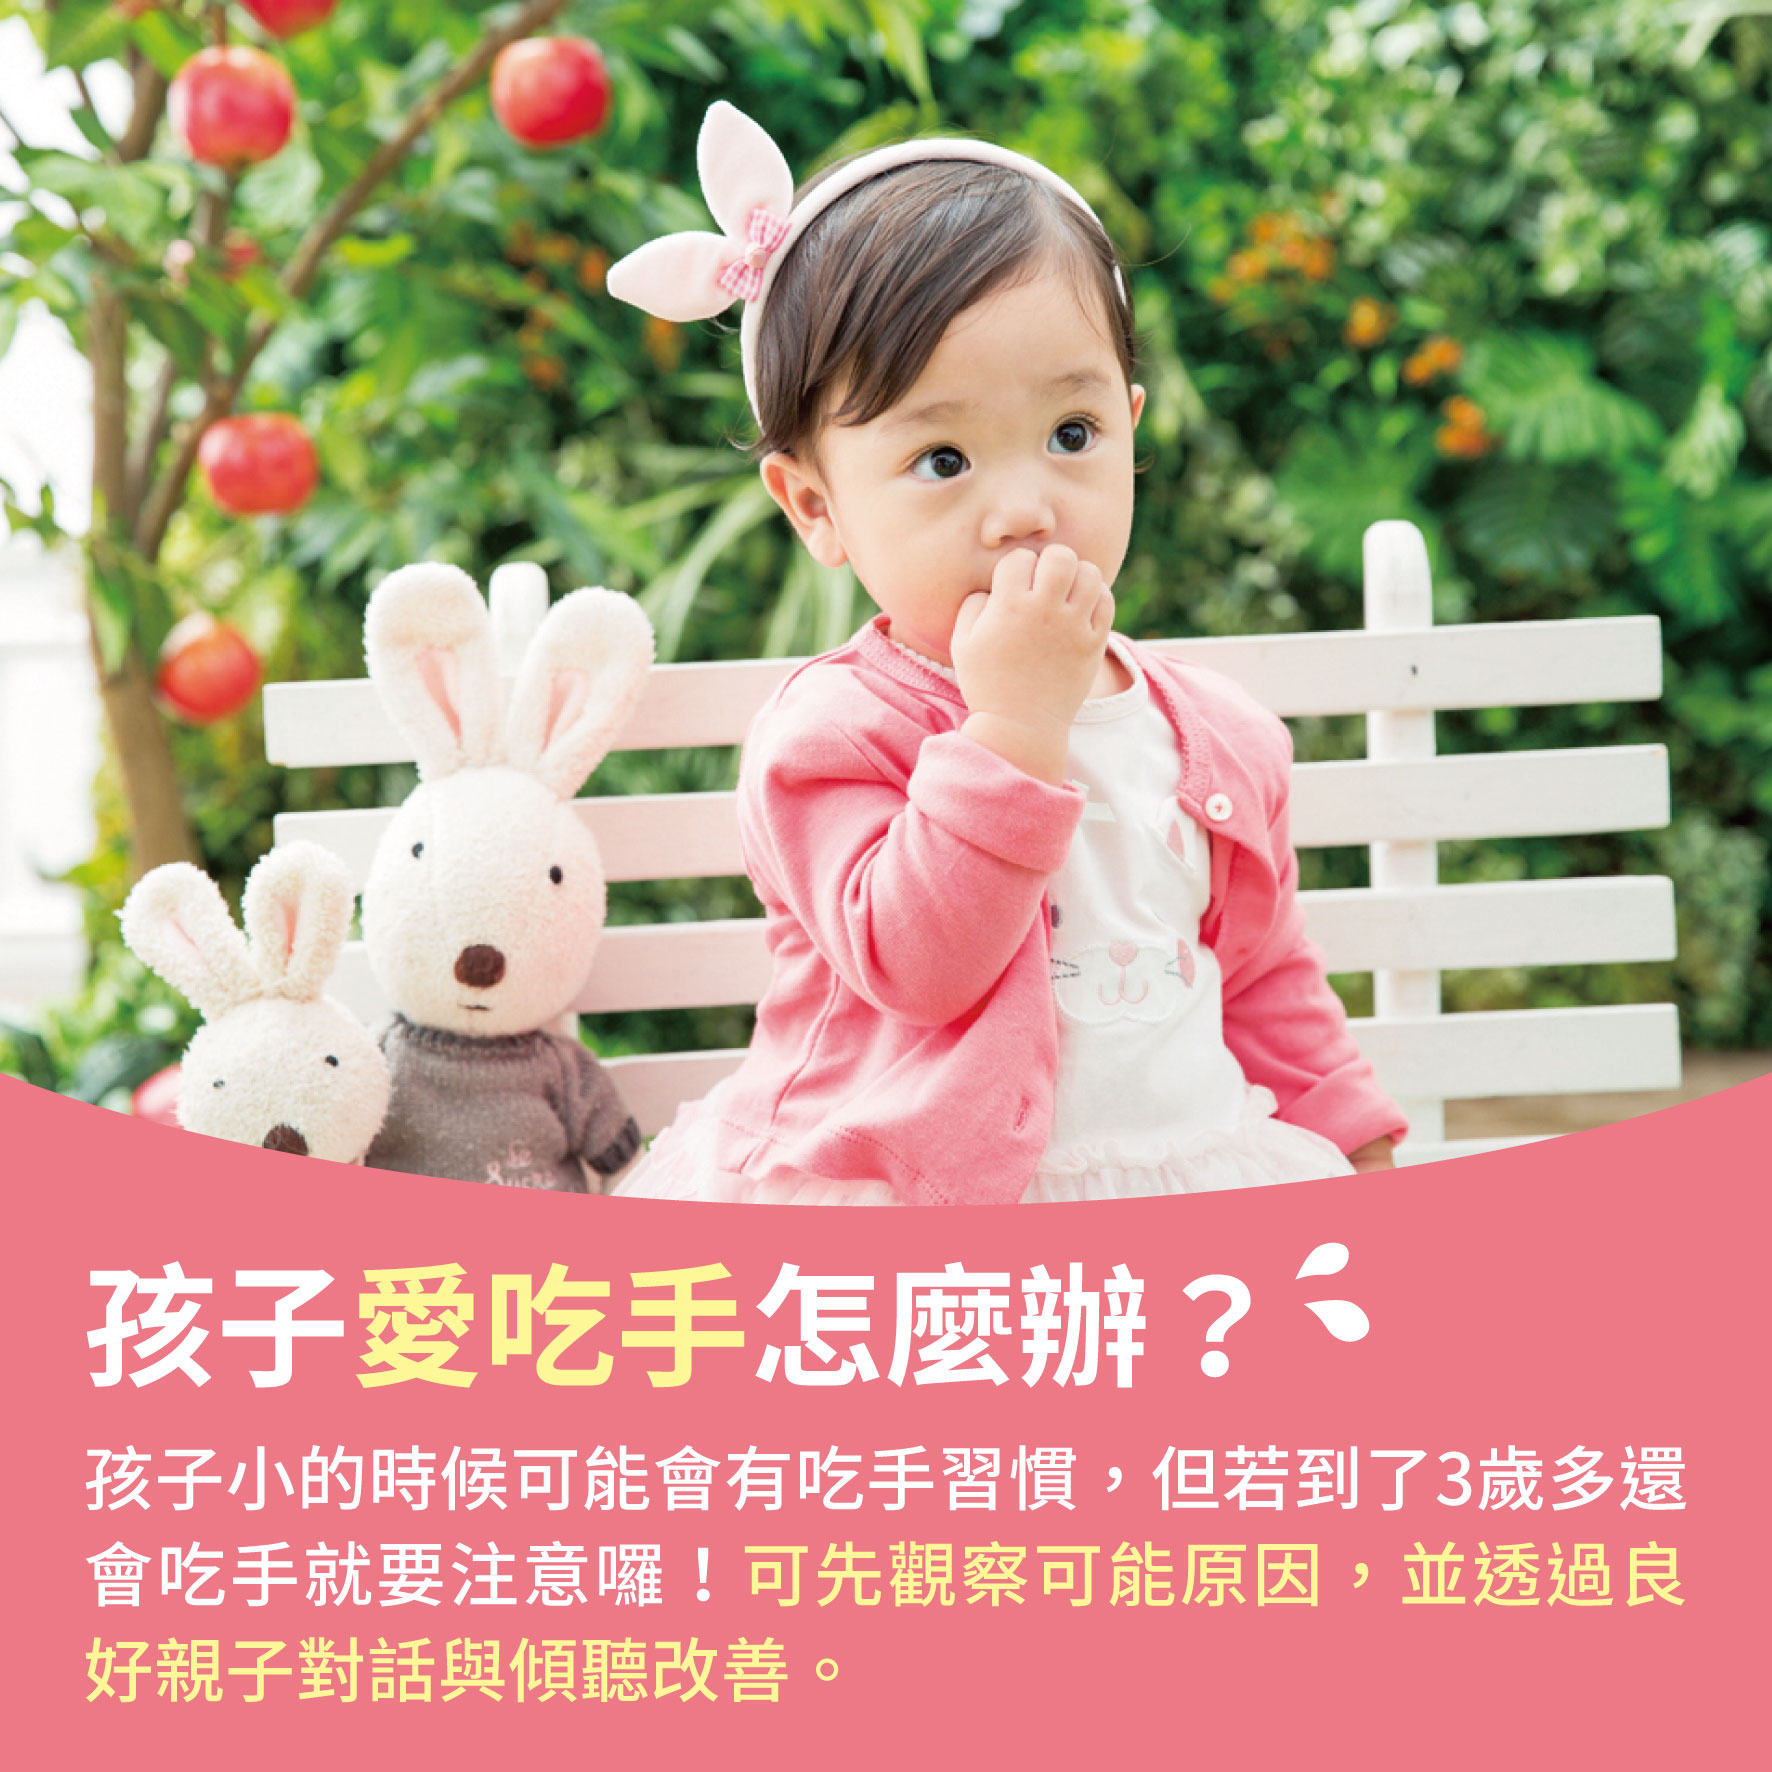 幼兒3歲 (第26週)孩子愛吃手怎麼辦?